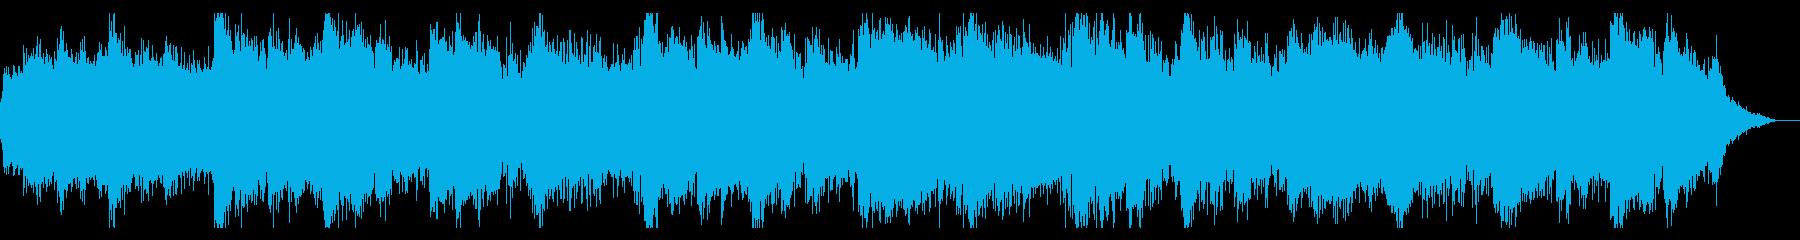 ノイジーでシネマティックなIDMの再生済みの波形